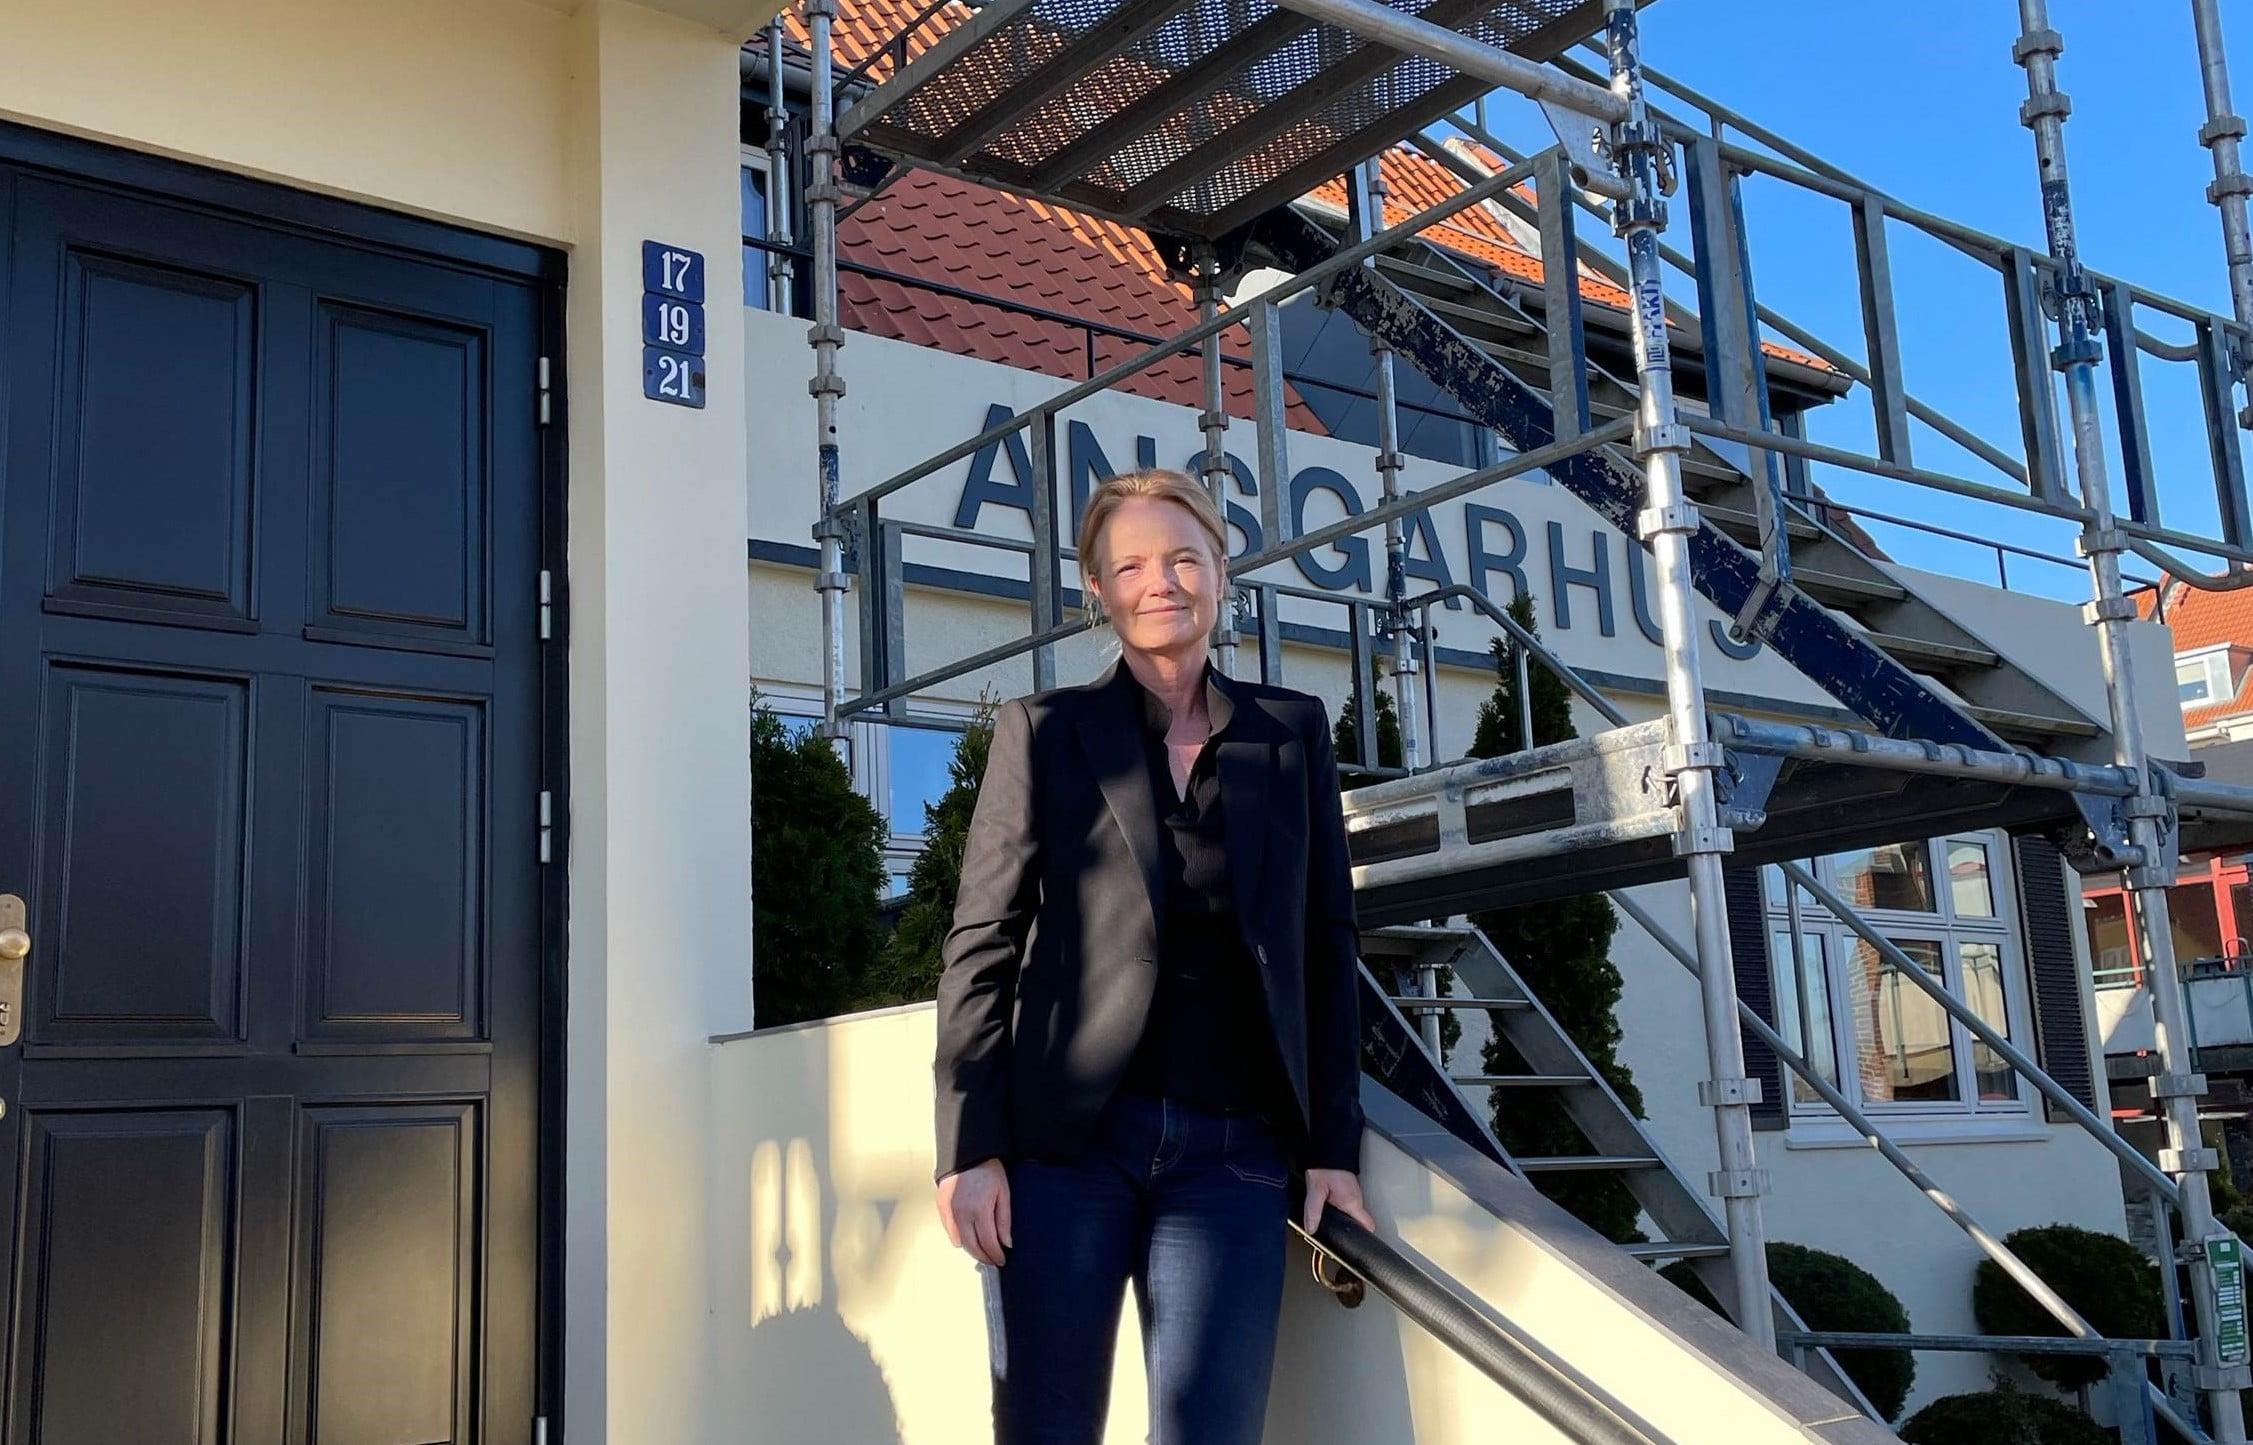 Amalie Uhrenholt foran Ansgarhus, der nu renoveres og skifter navn.